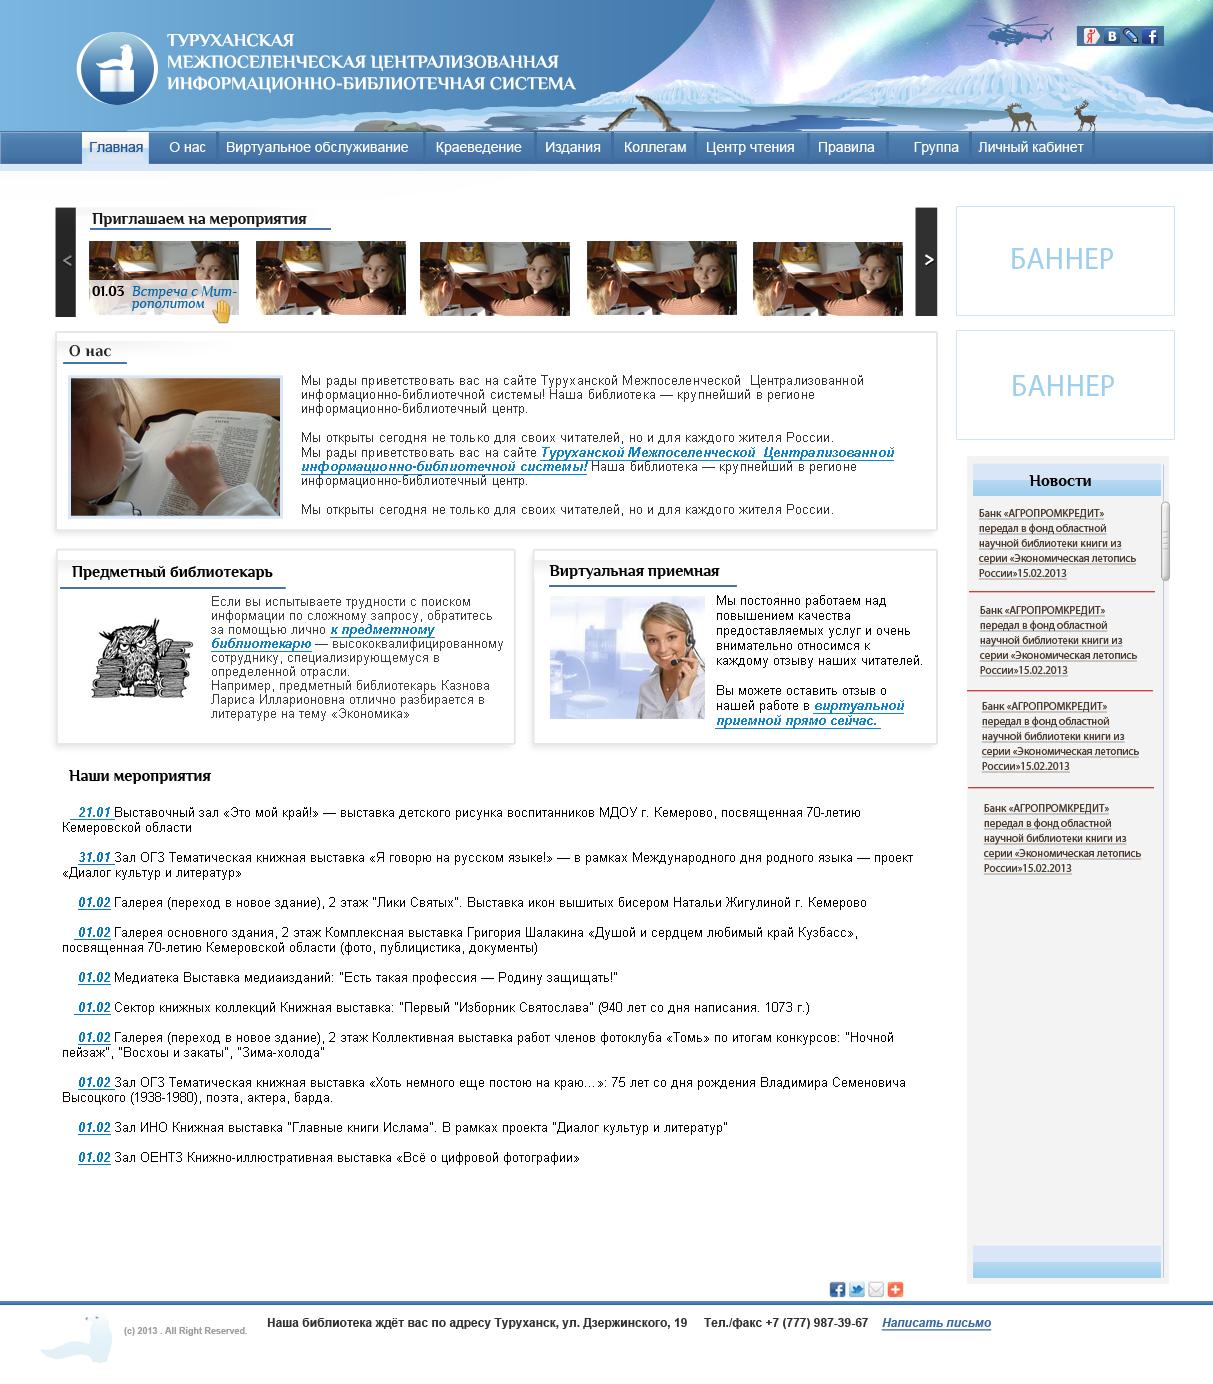 лого и диз сайта Библиот.сис-мы Туруханск. района